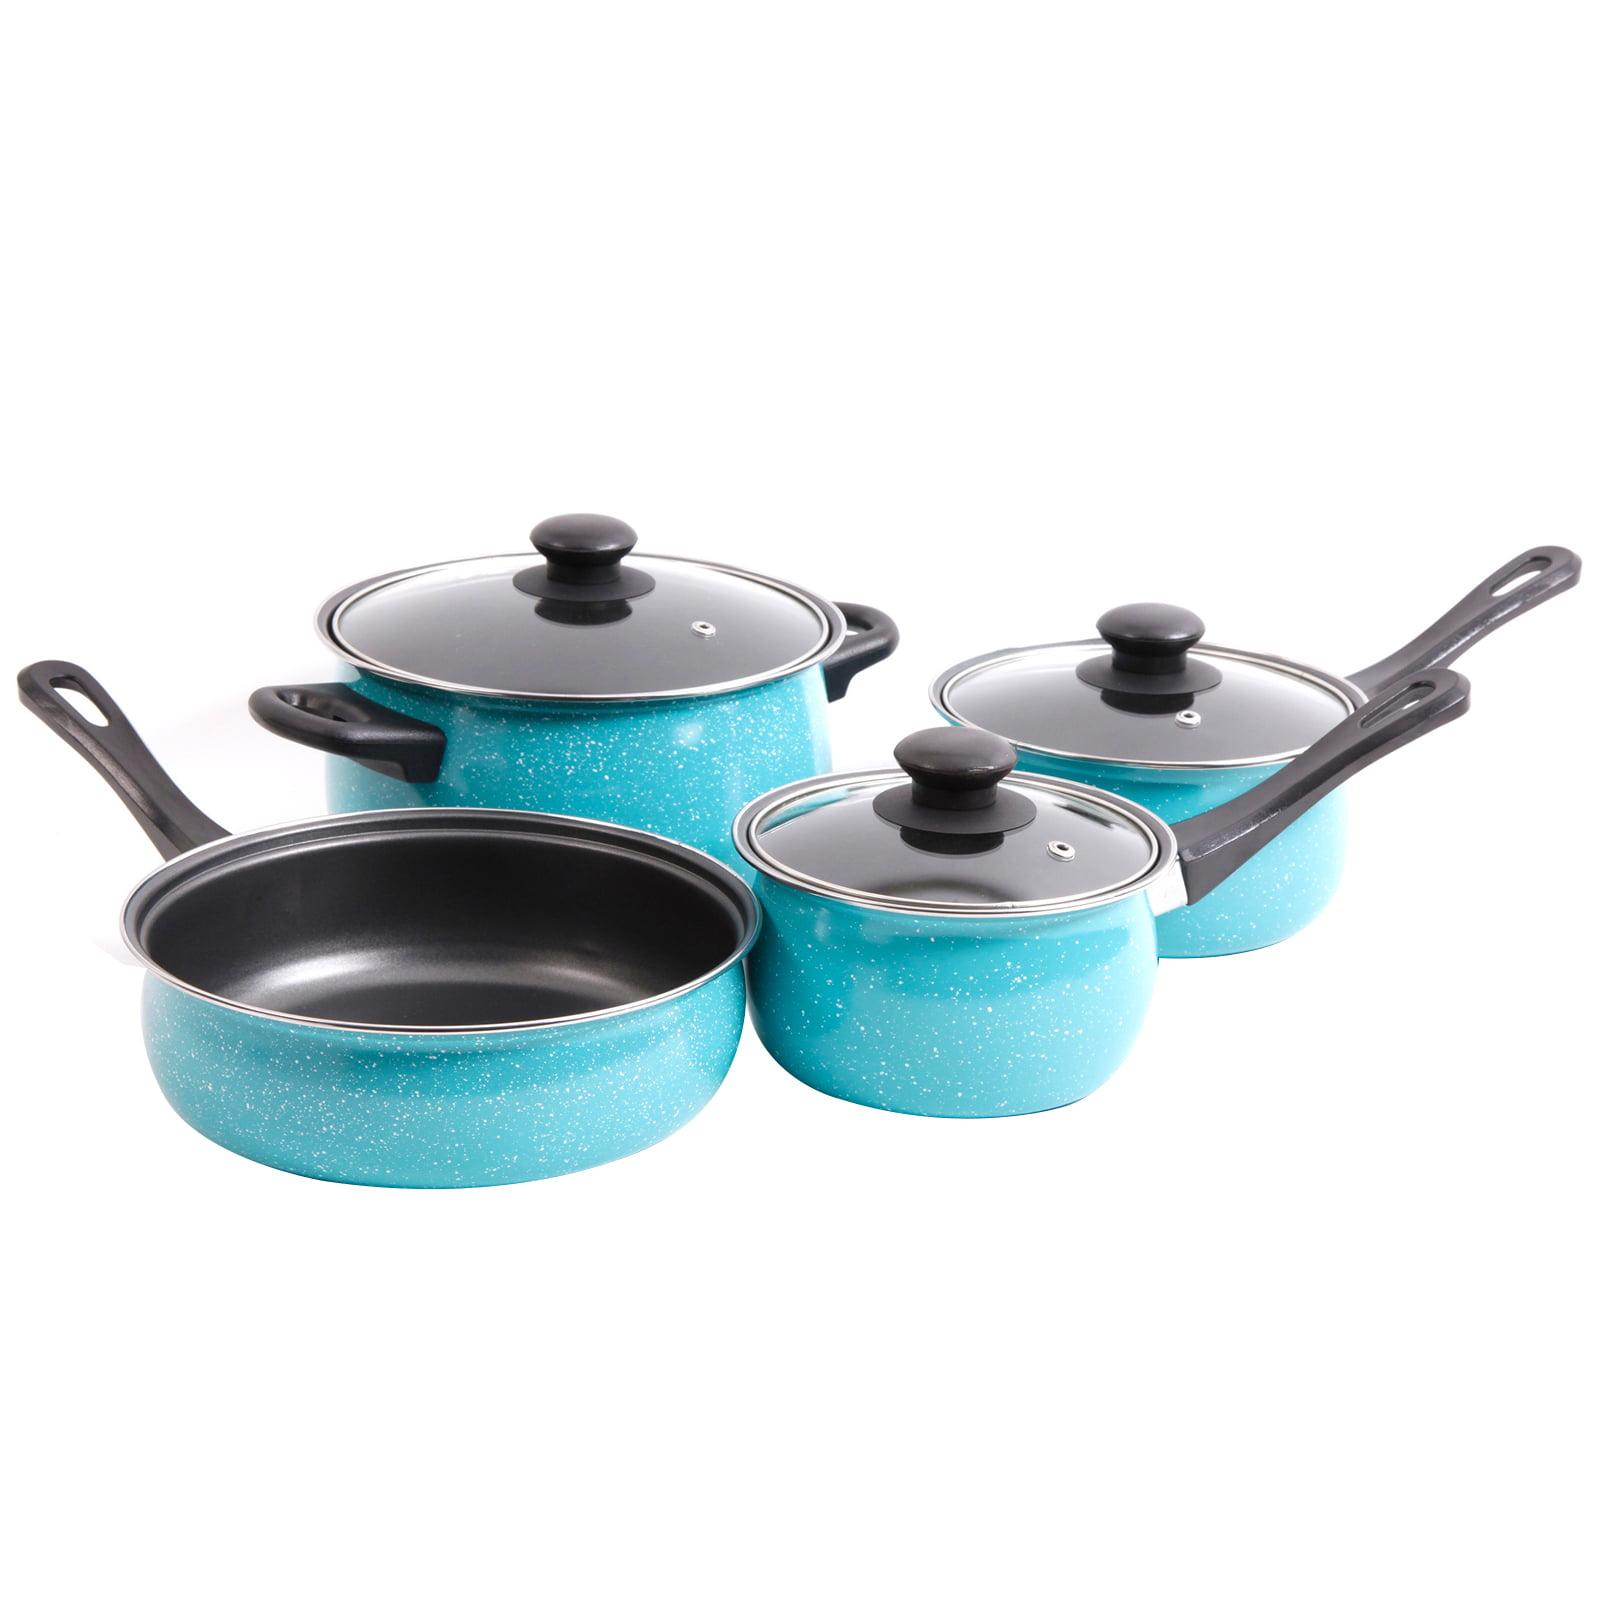 Gibson Casselman Carbon Steel 7 Piece Cookware Set